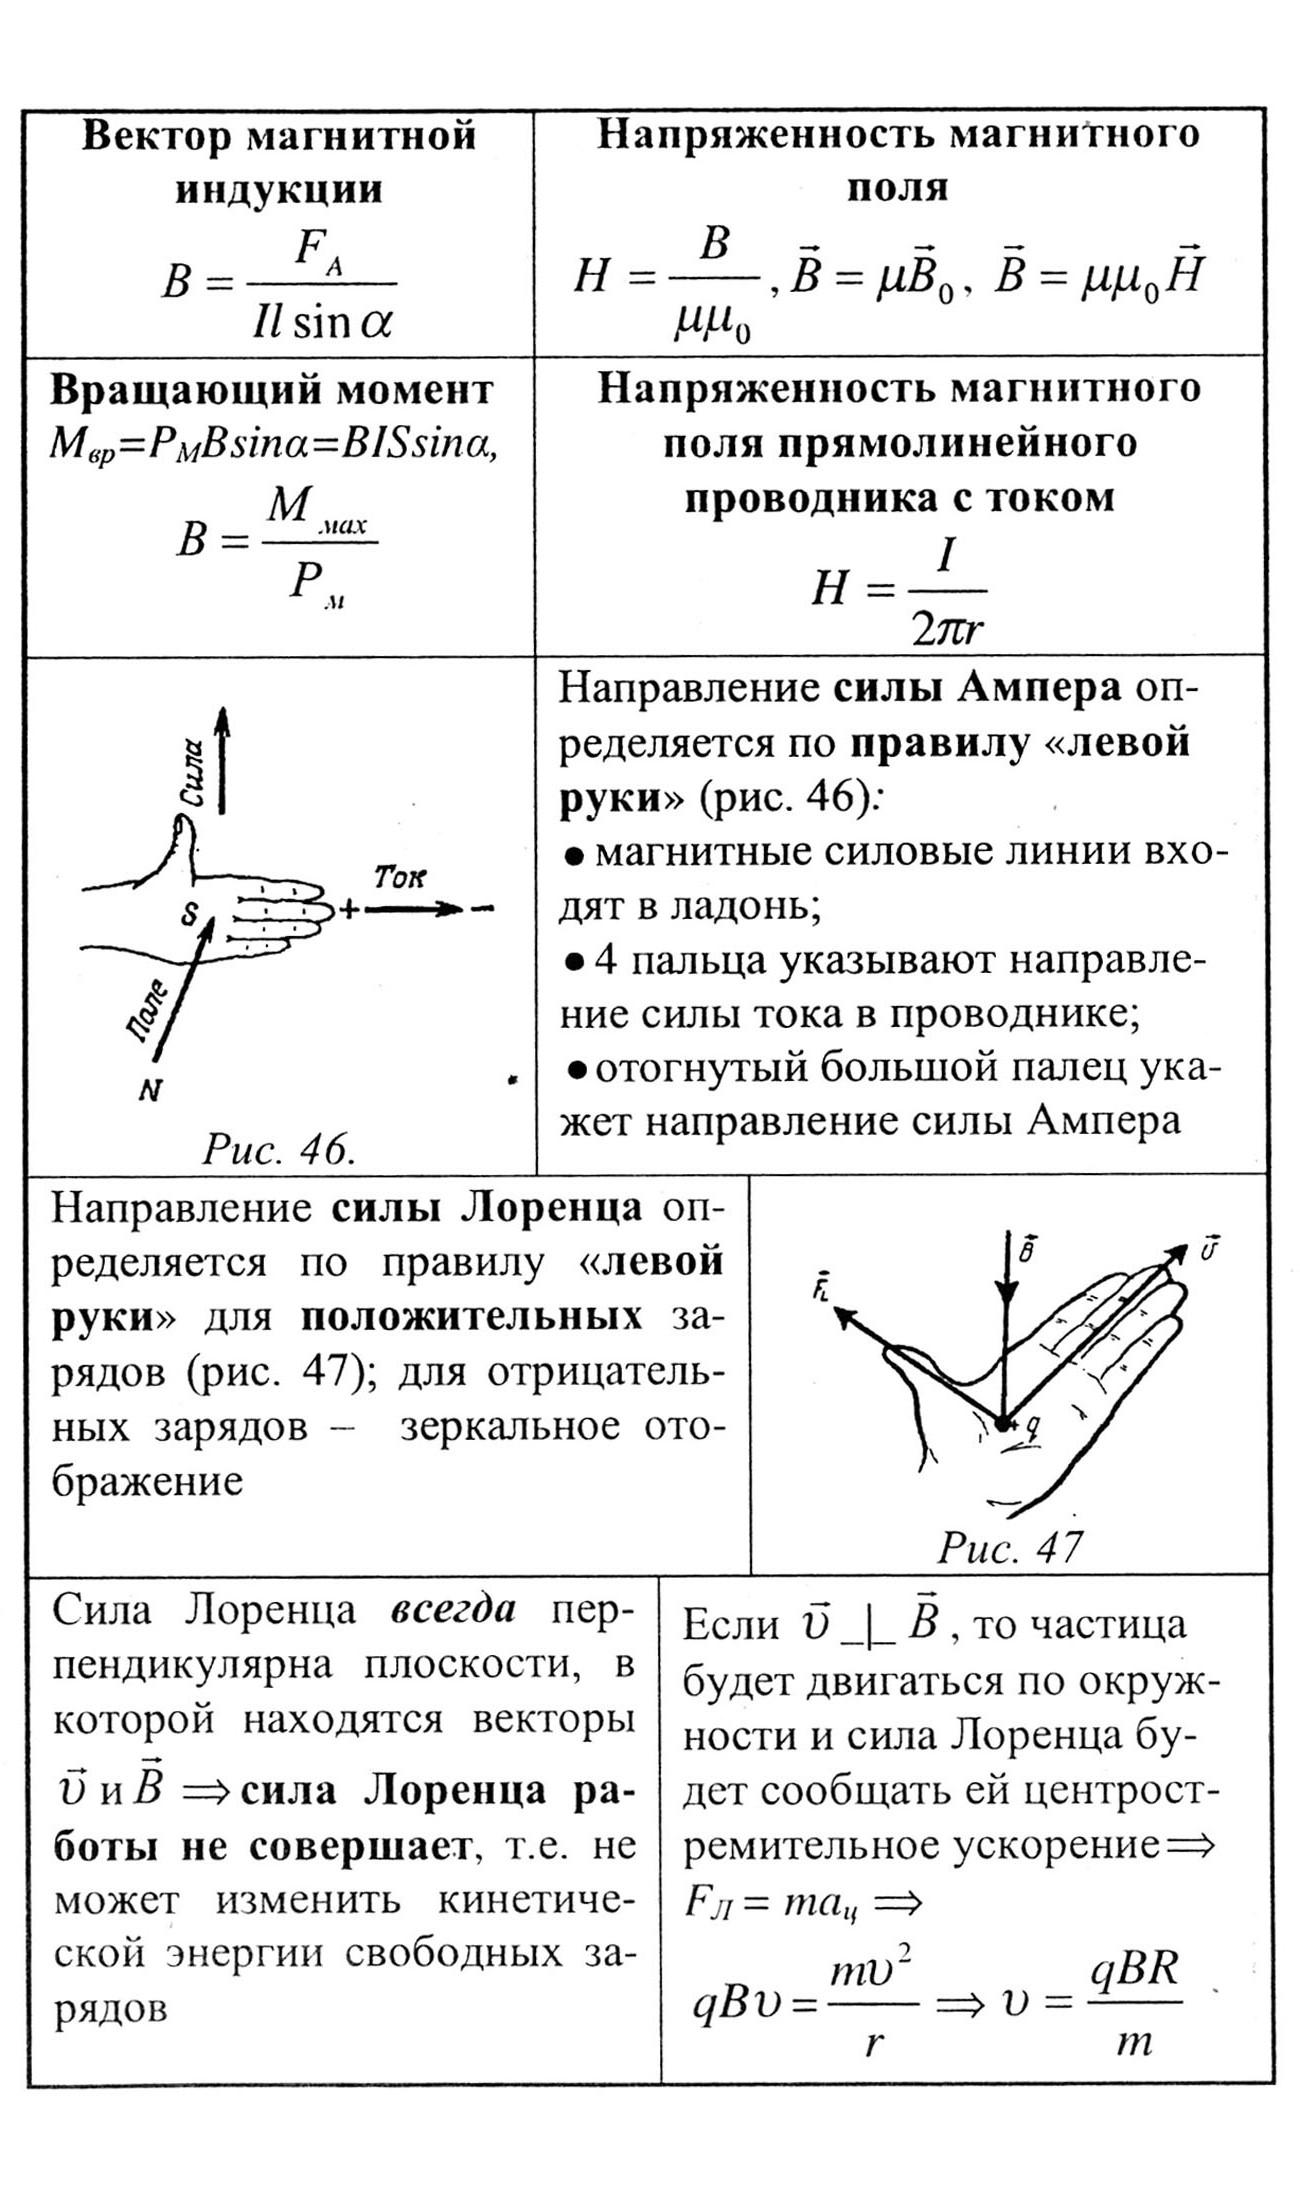 шпаргалка по физике с7-11 класс